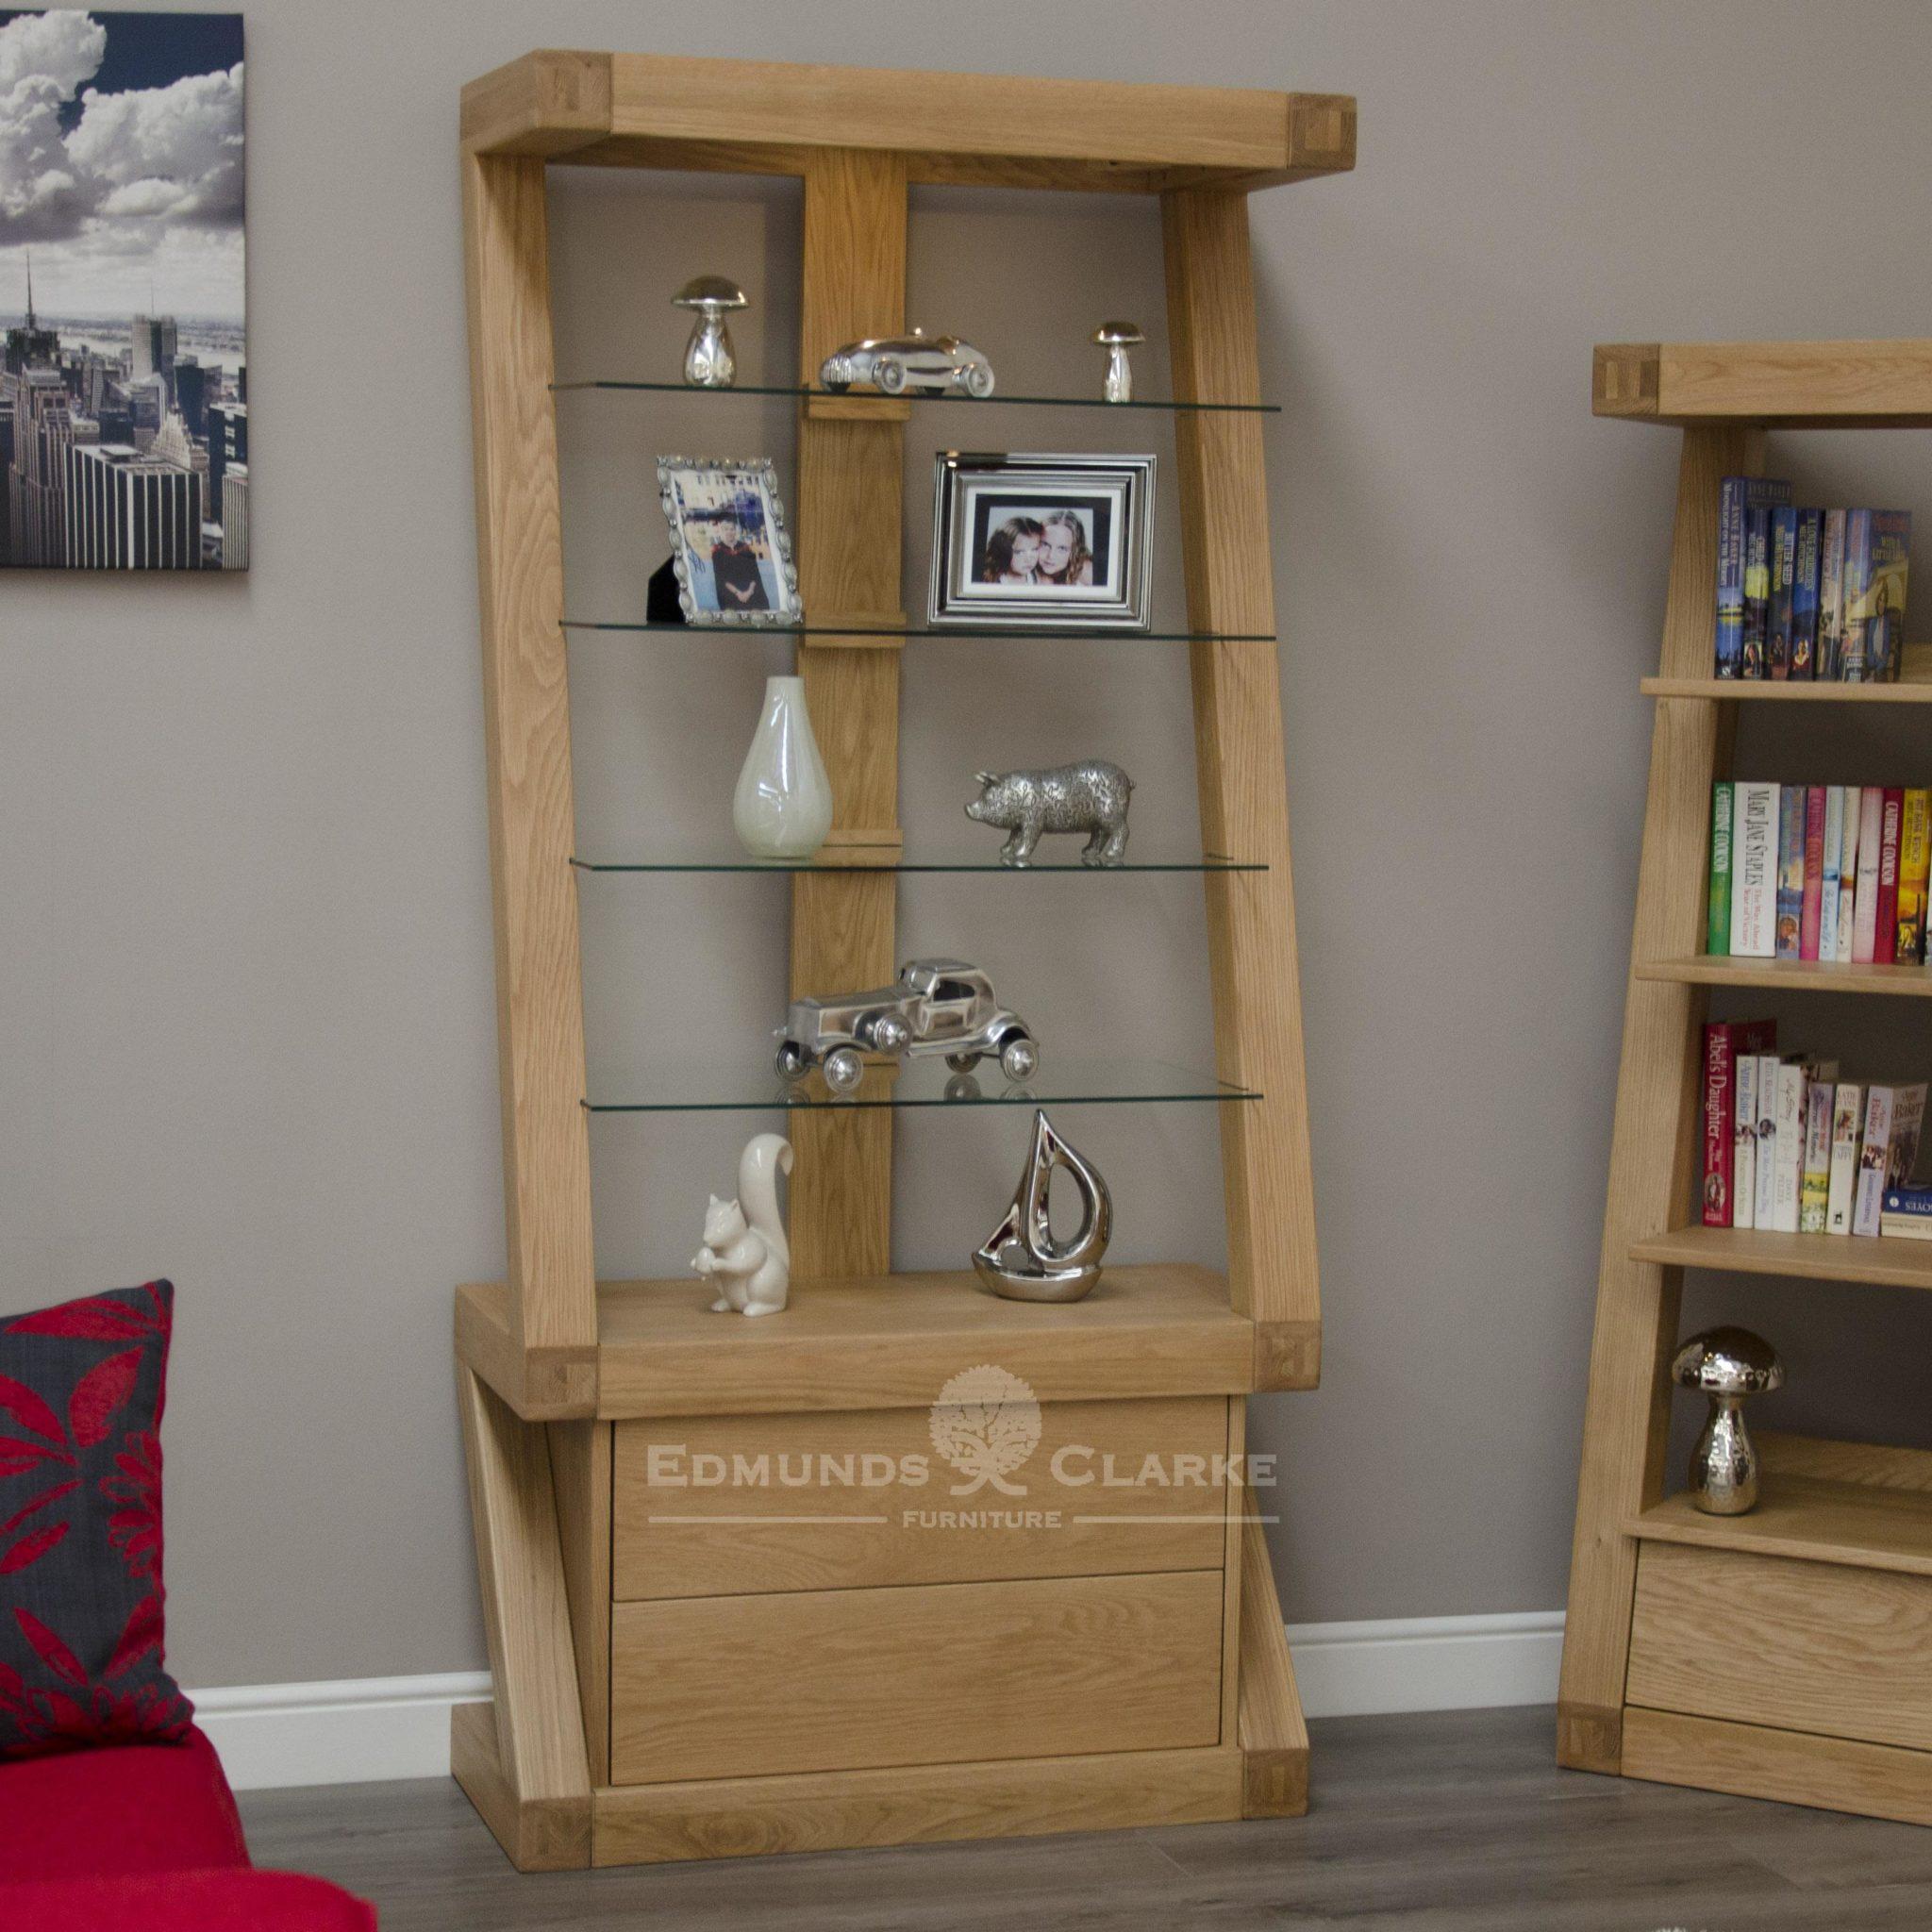 ZGDC Z designer solid oak glazed display cabinet with light and 4 glass shelves